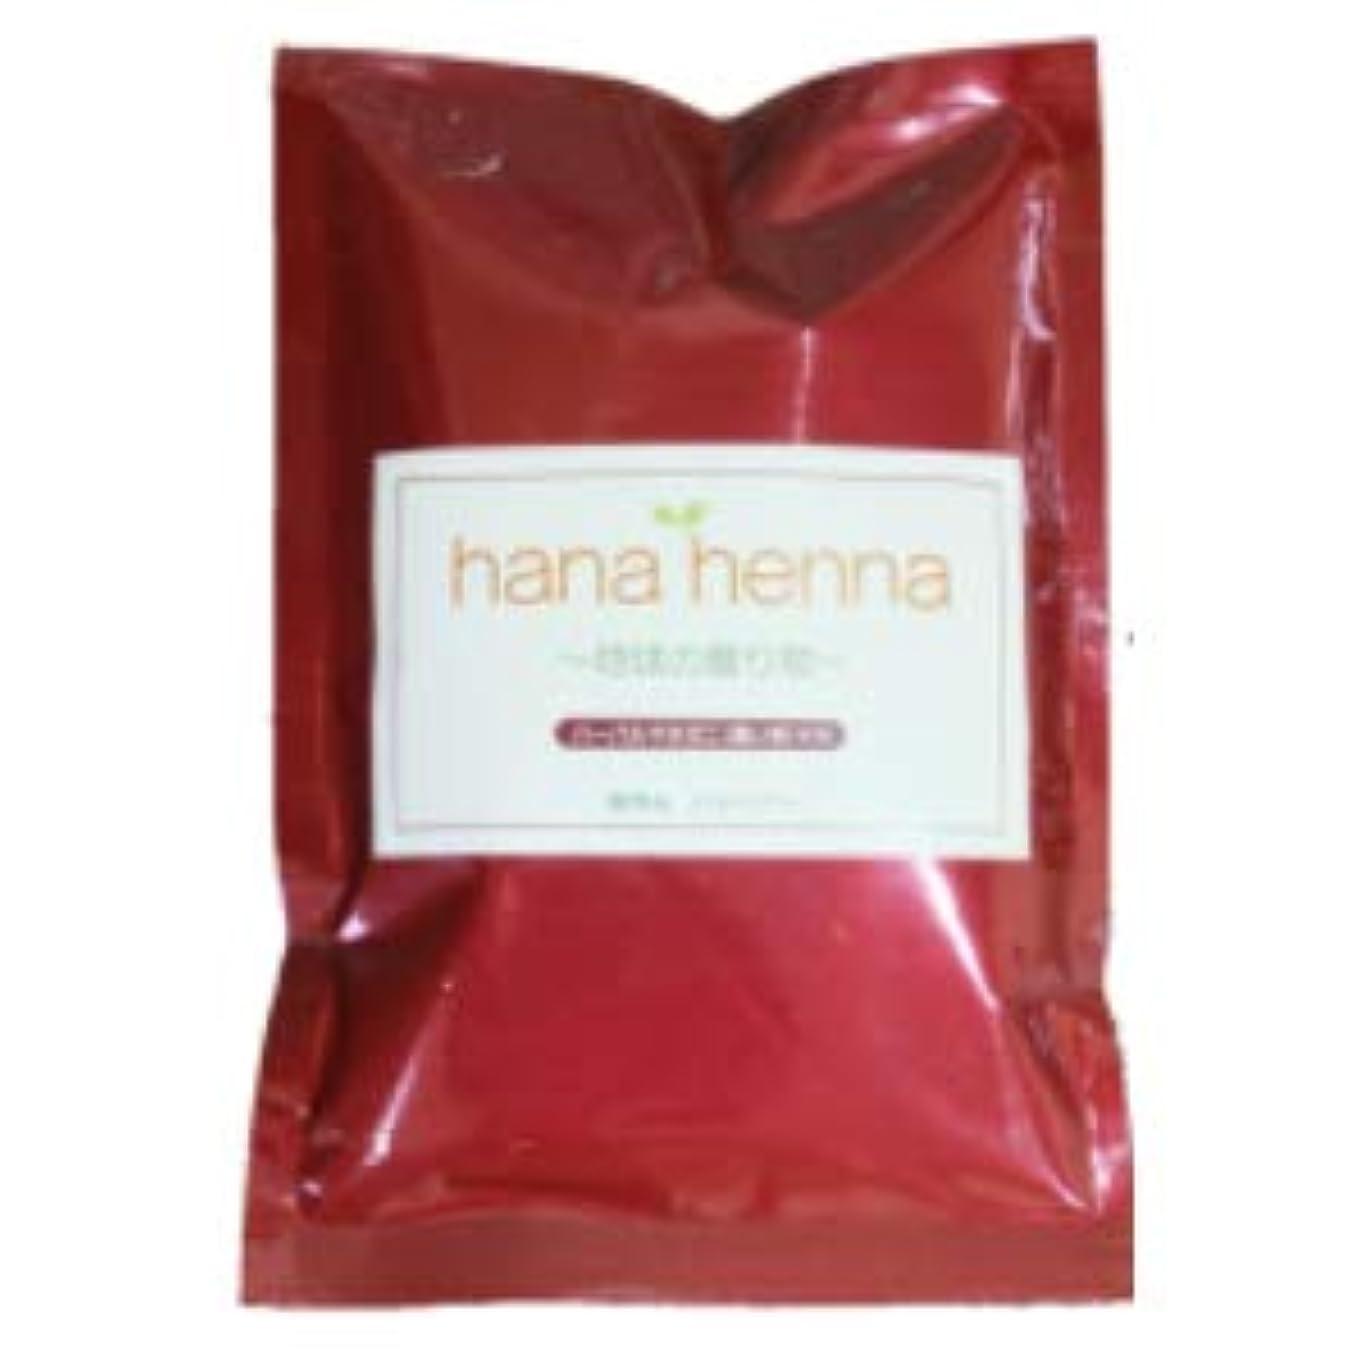 薄暗い不安センチメートル?hana henna?ハナヘナ ハーバルマホガニー(濃い茶) (100g)